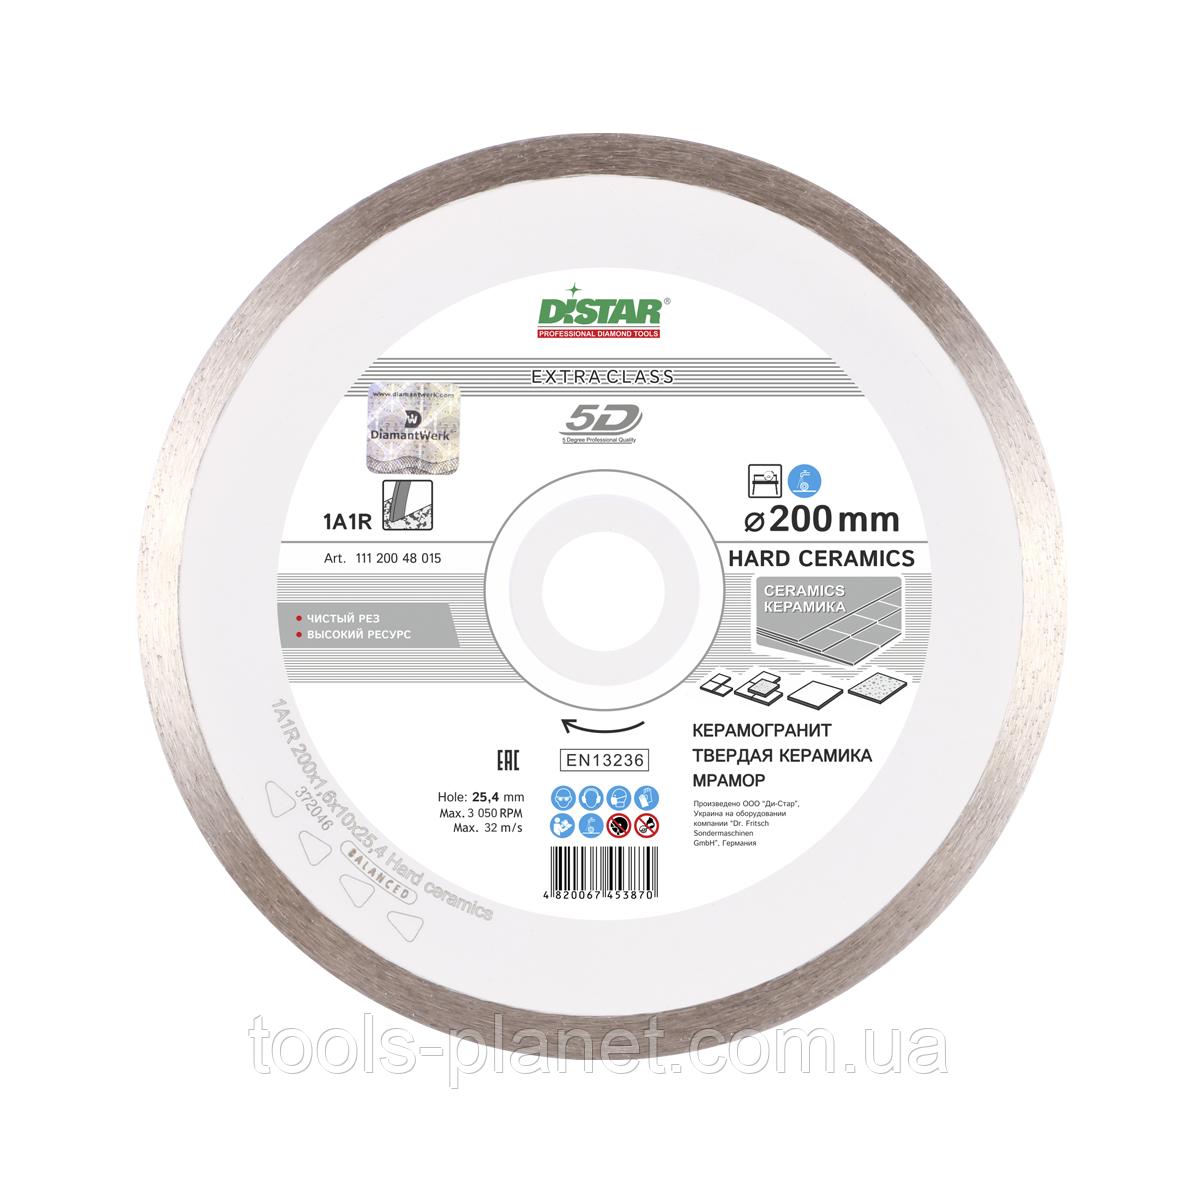 Алмазный диск Distar 1A1R 250 x 1,6 x 10 x 25,4 Hard Ceramics 5D (11120048019)